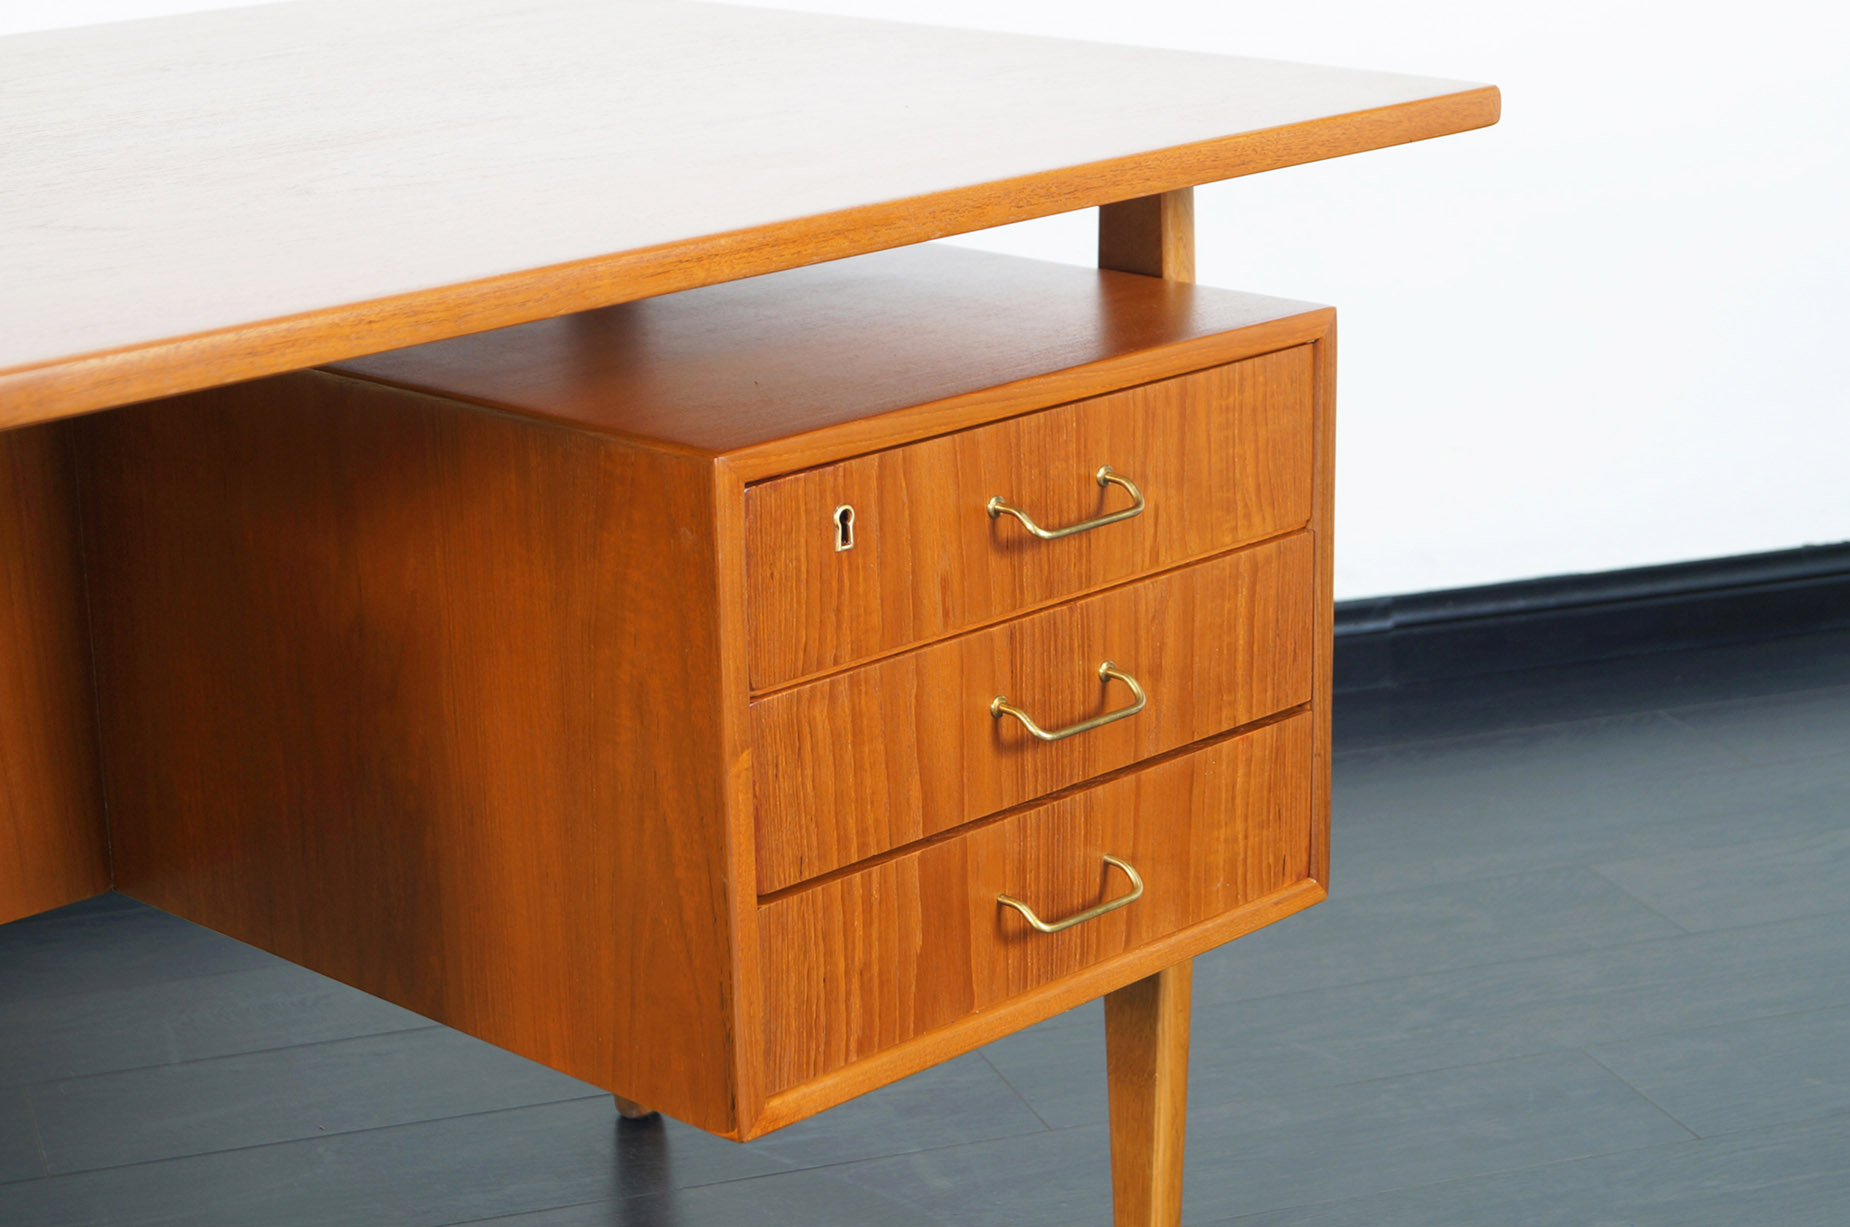 Danish Modern Teak Desk by Torben Standgaard